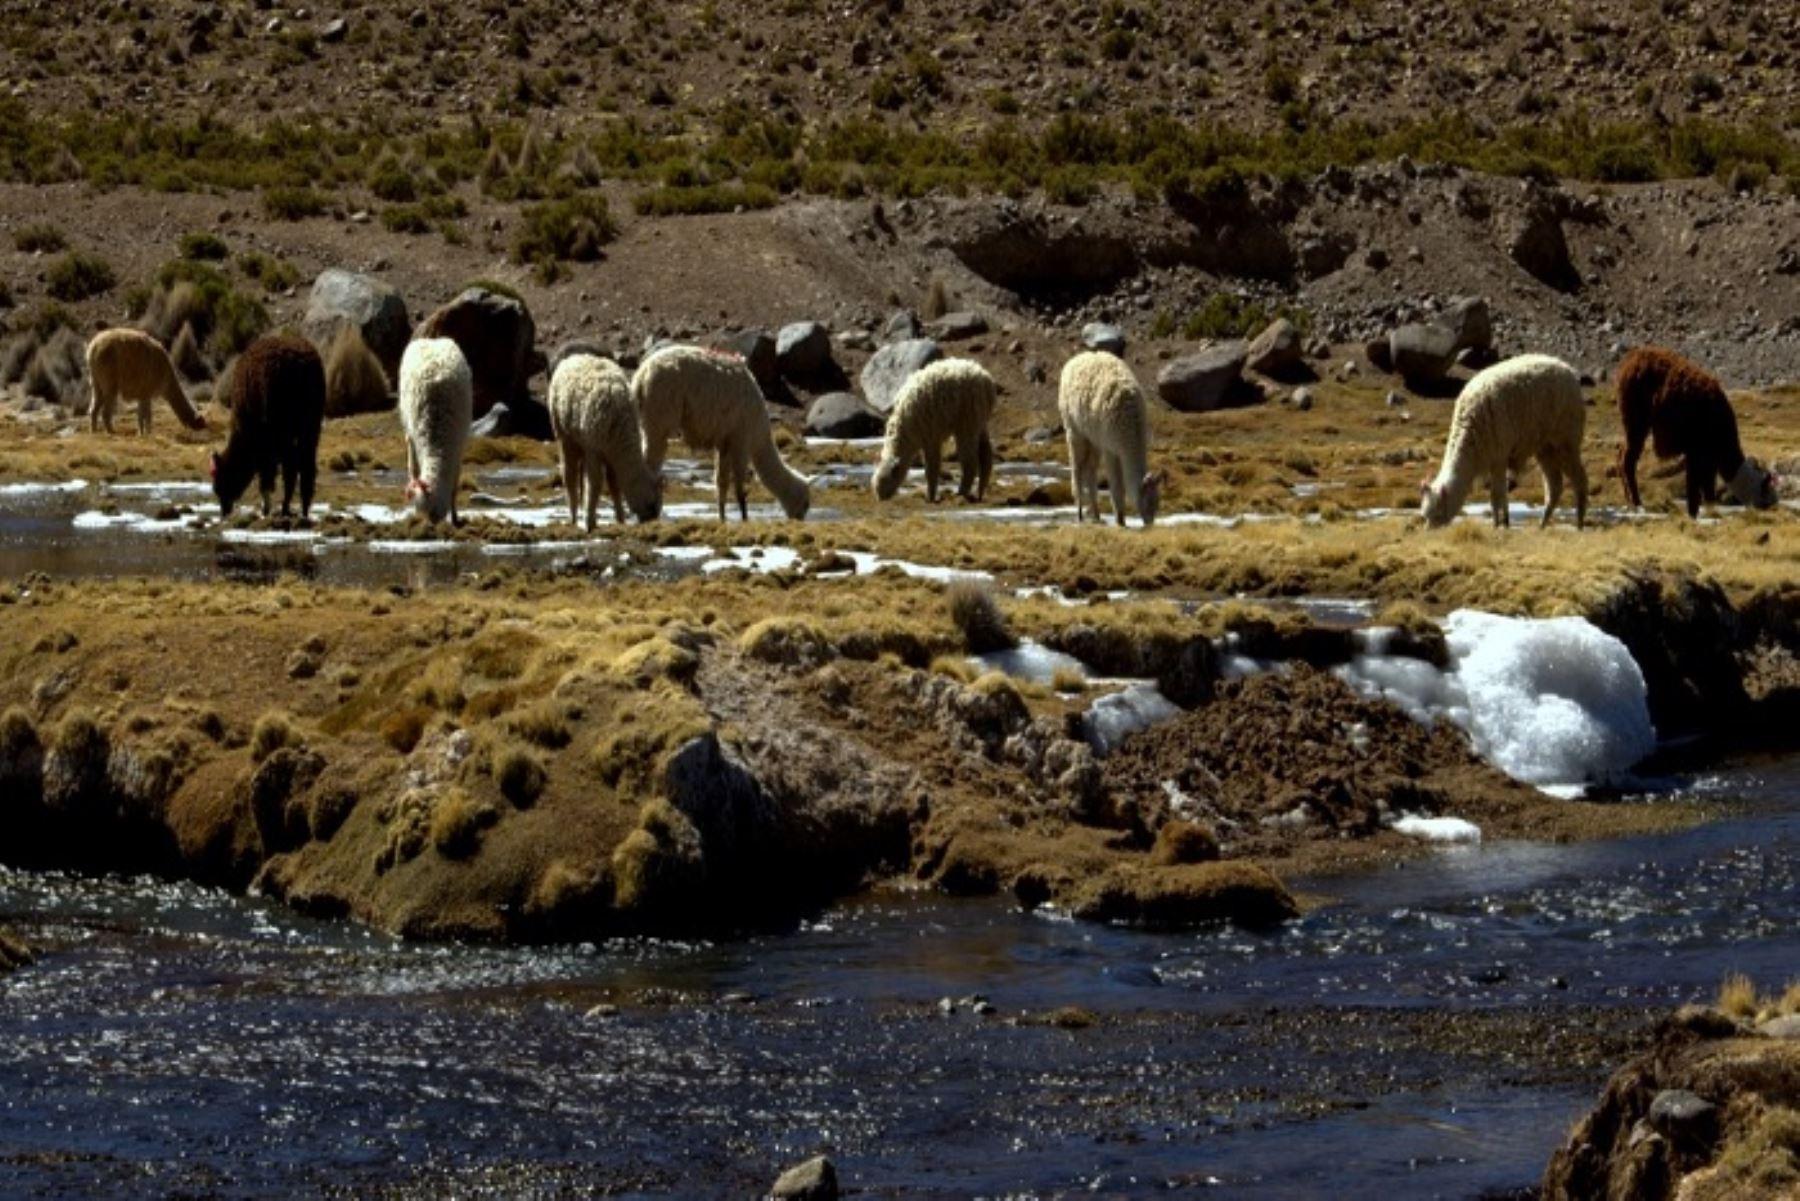 La temperatura nocturna descenderá en la Sierra desde este jueves 15, informó el Senamhi. Foto: ANDINA/Difusión